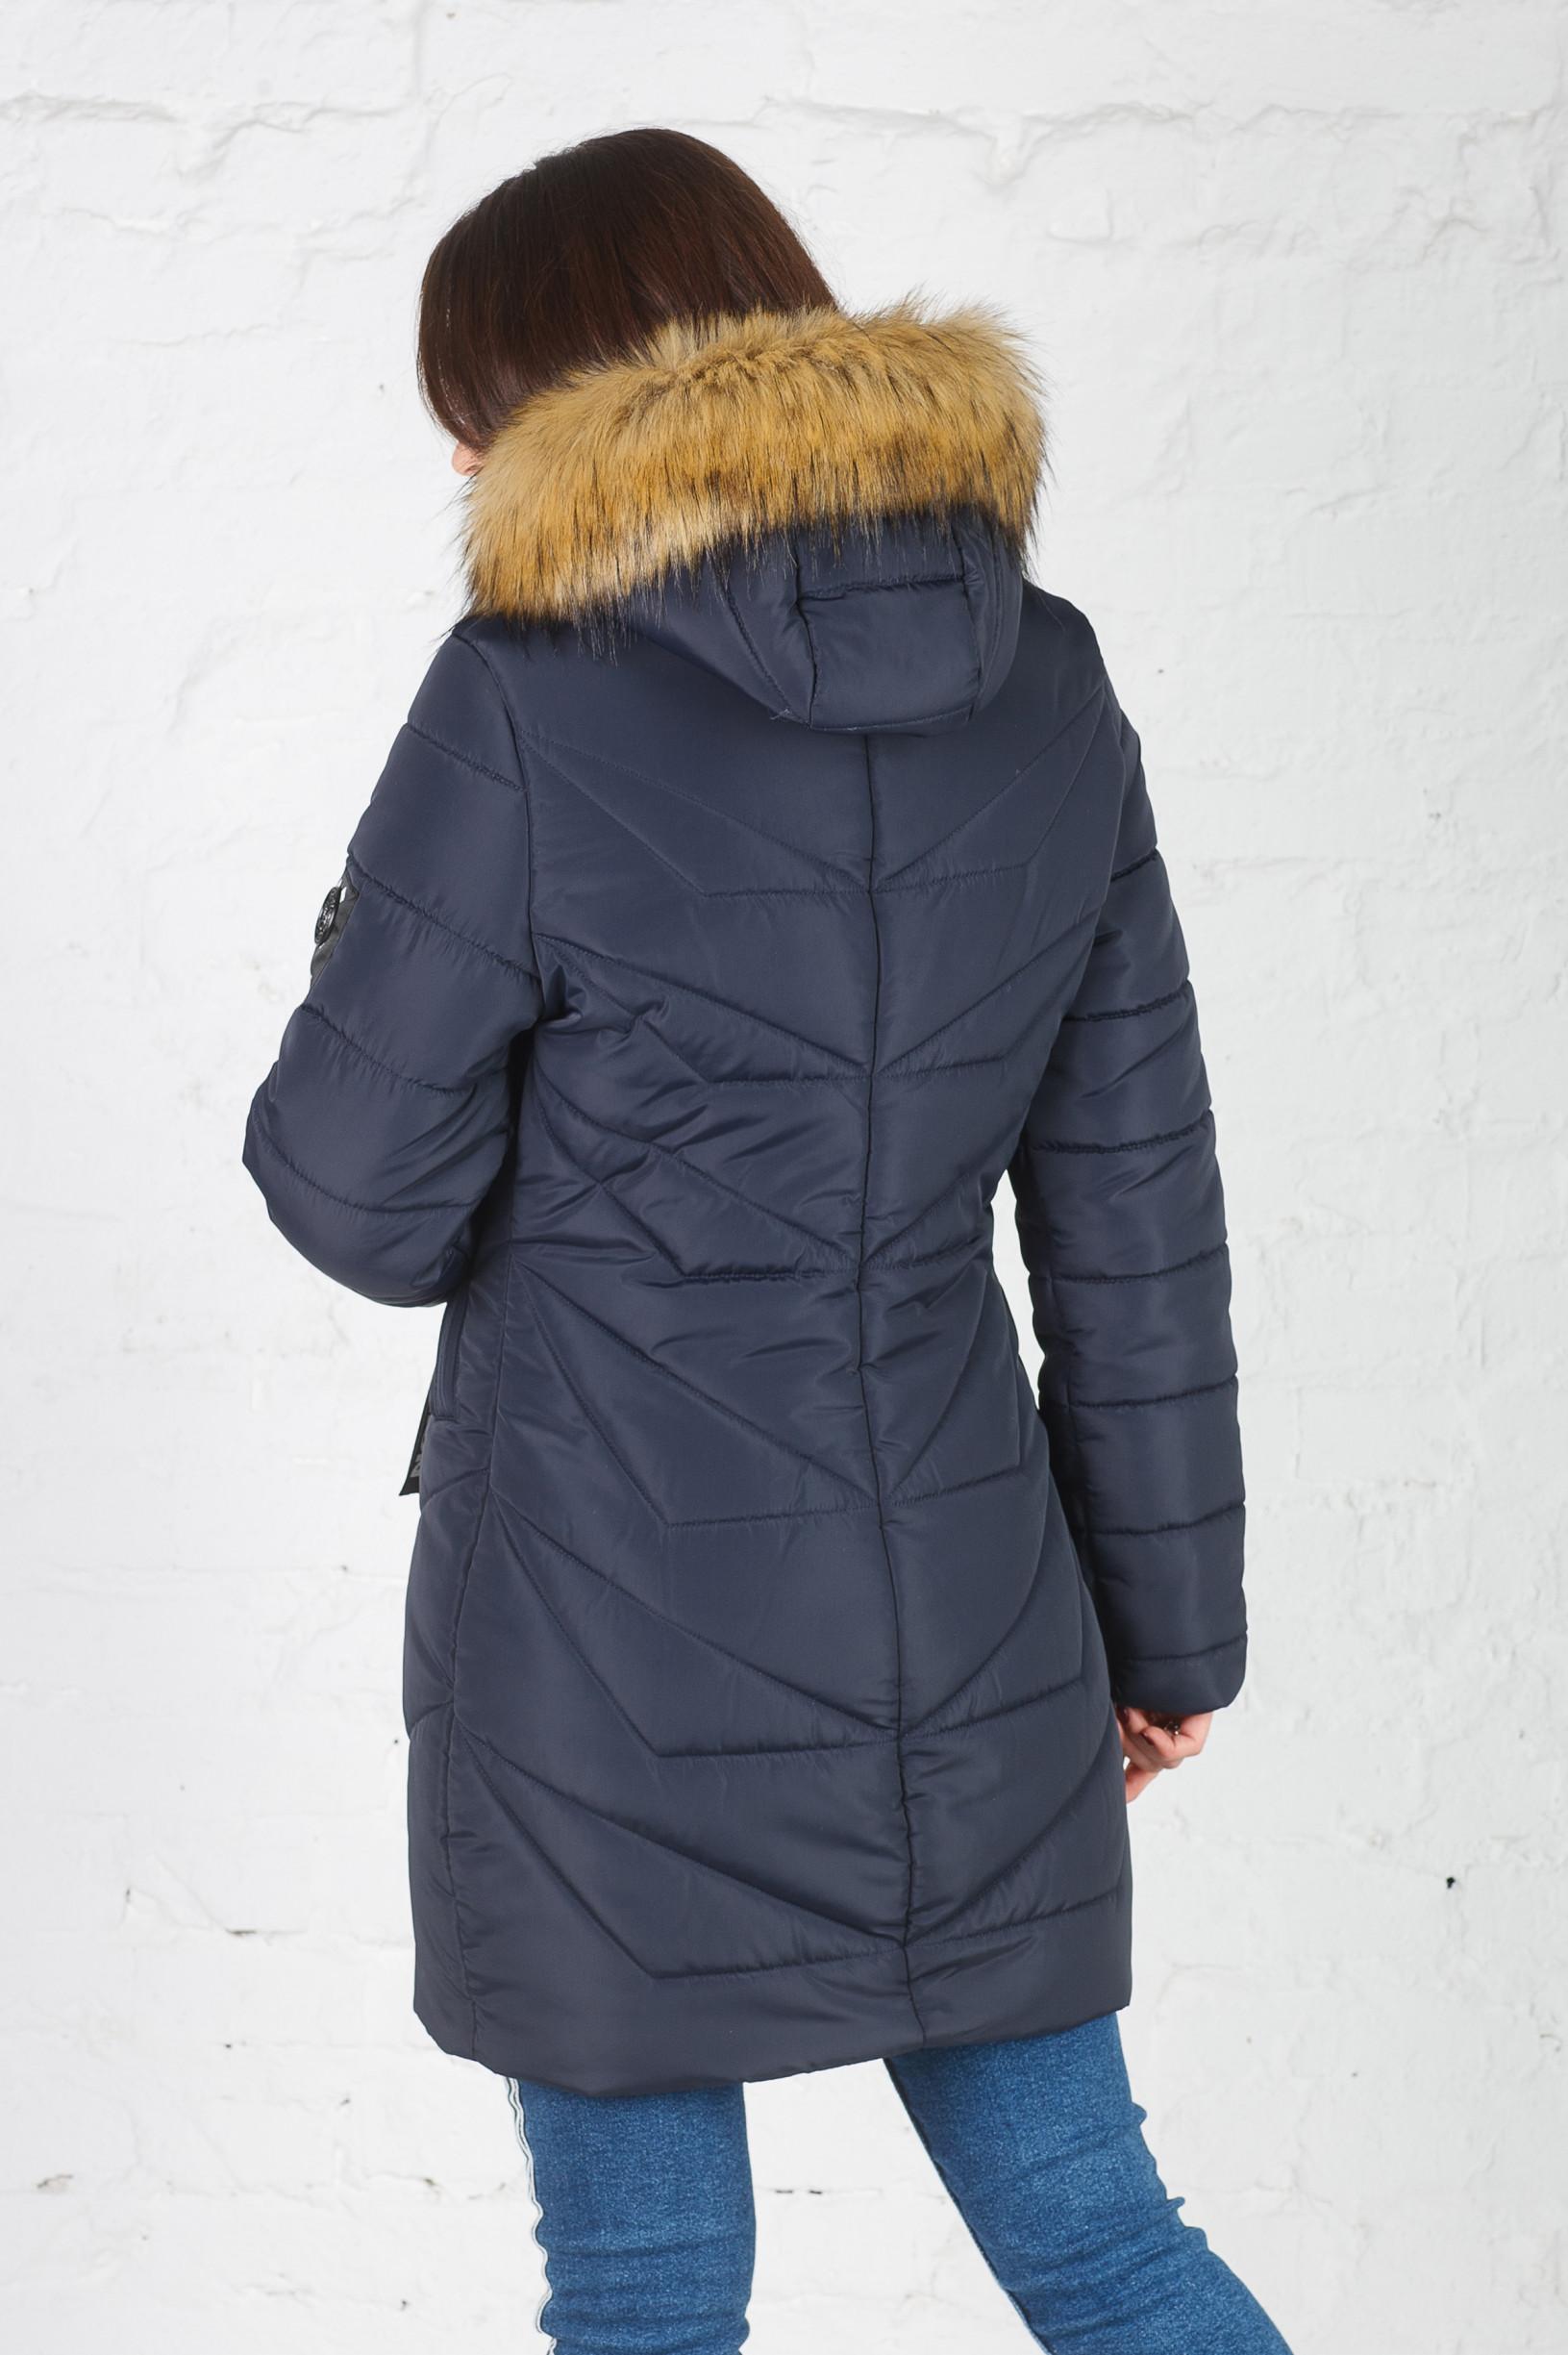 Молодёжная зимняя куртка Дейзи синяя